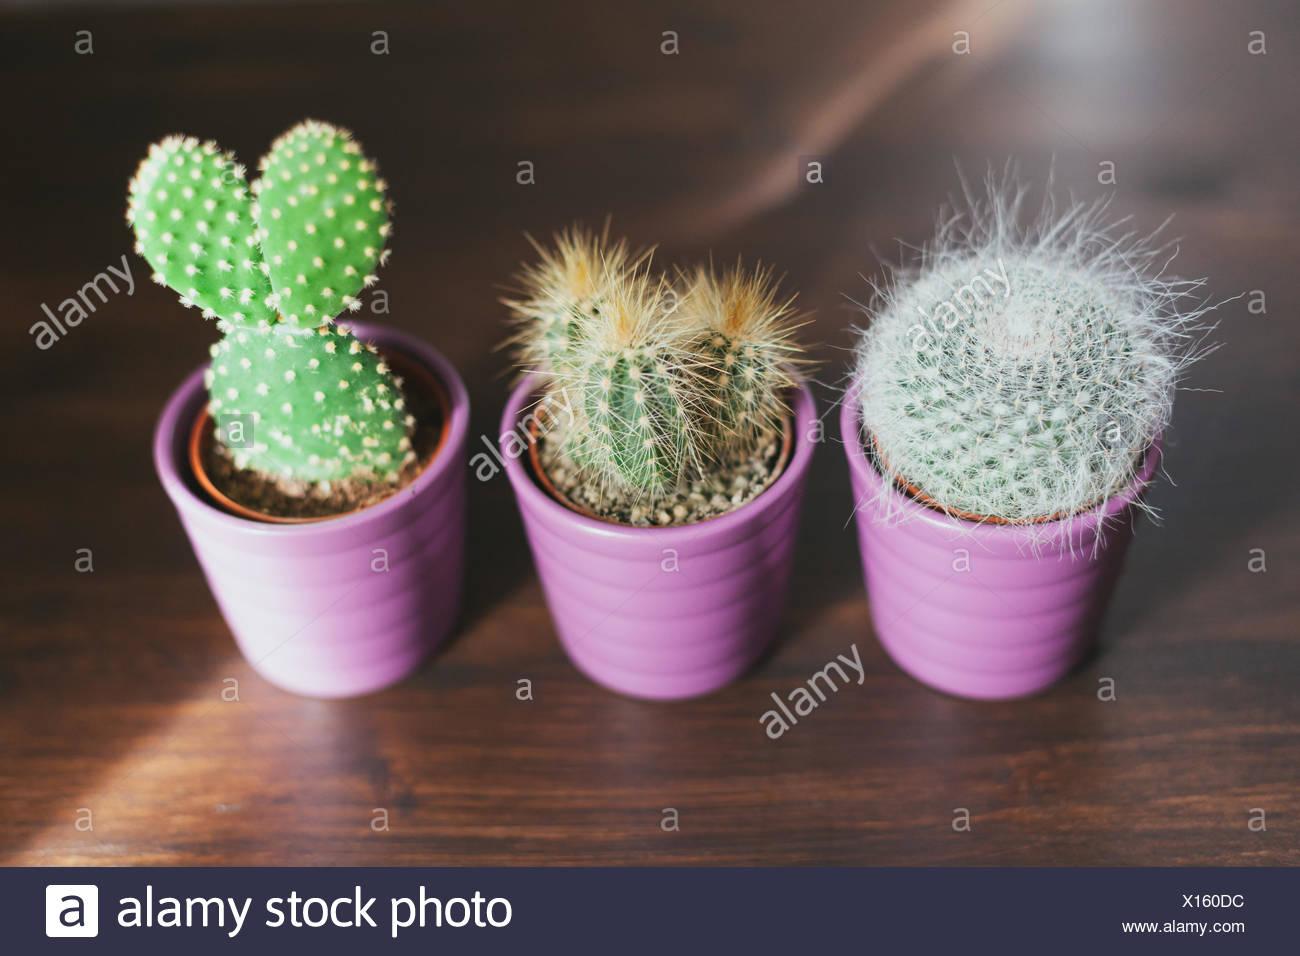 Portrait de cactus en pot sur plancher de bois franc Photo Stock